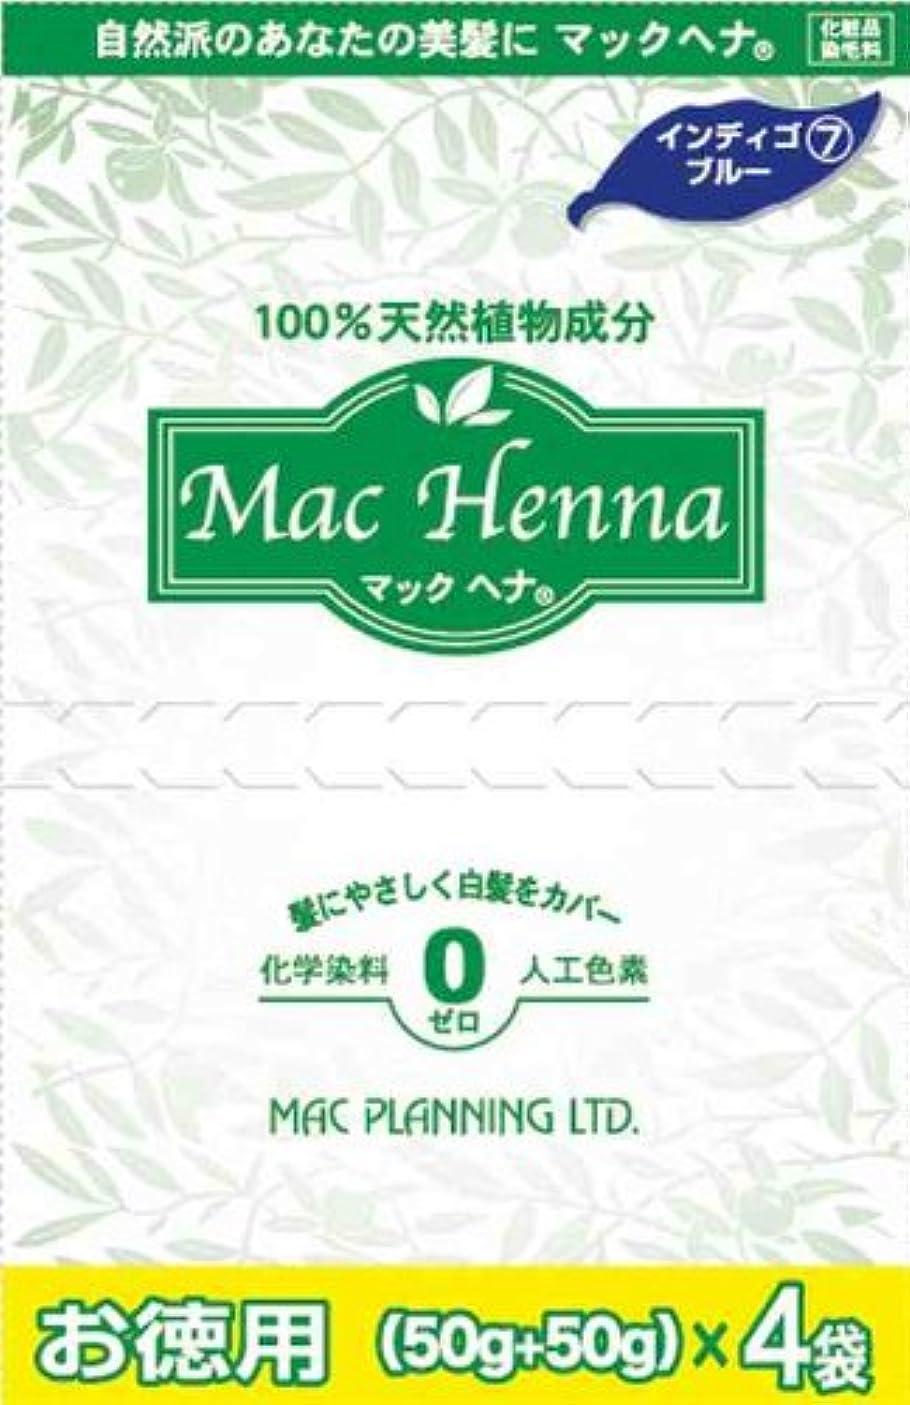 首謀者のぞき見ヘッドレスマックヘナ インディゴブルー お徳用 (50g+50g)×4